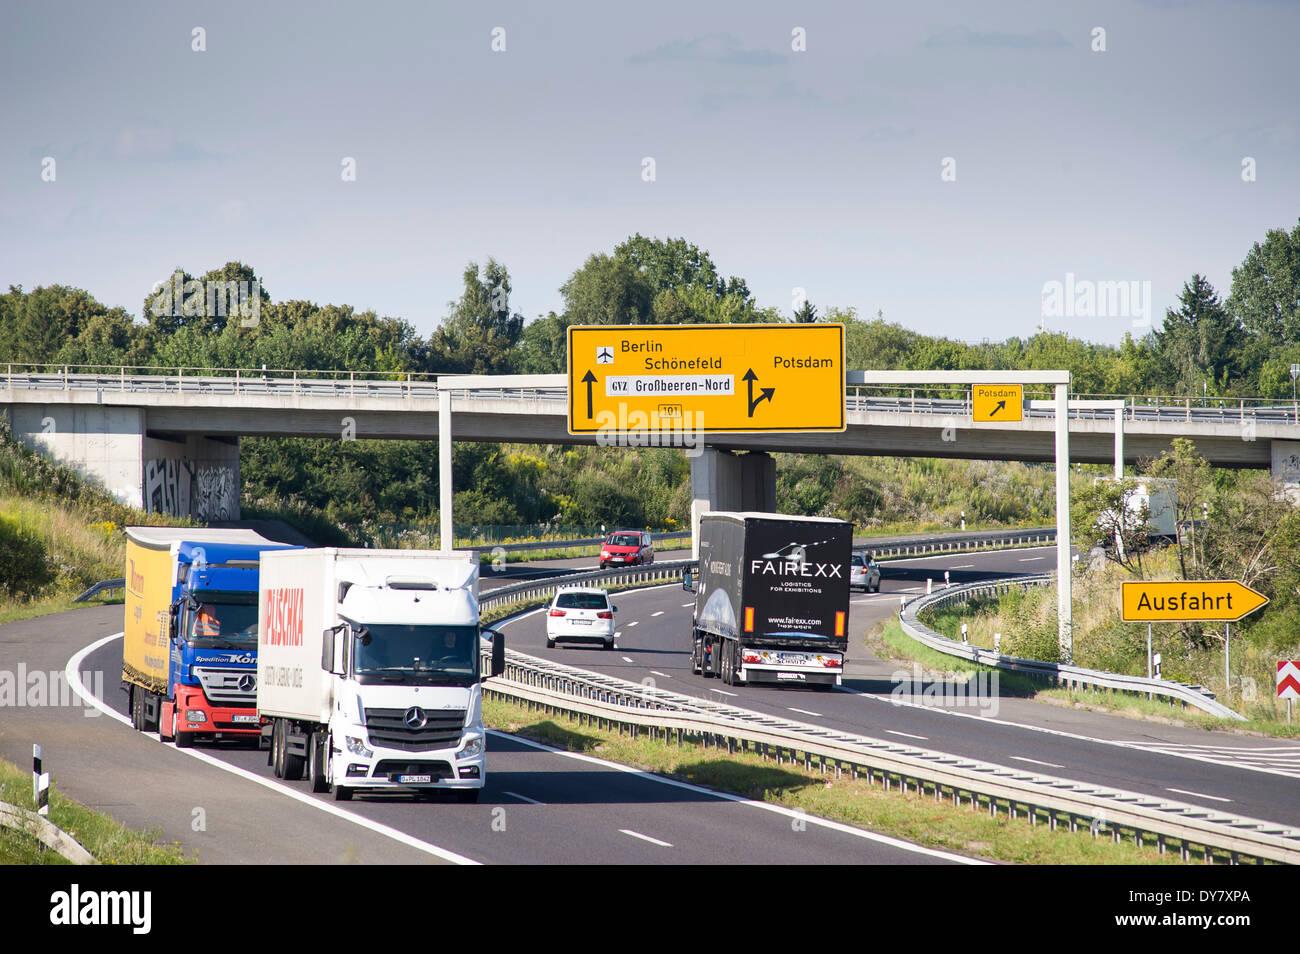 Nrw-Verkehr